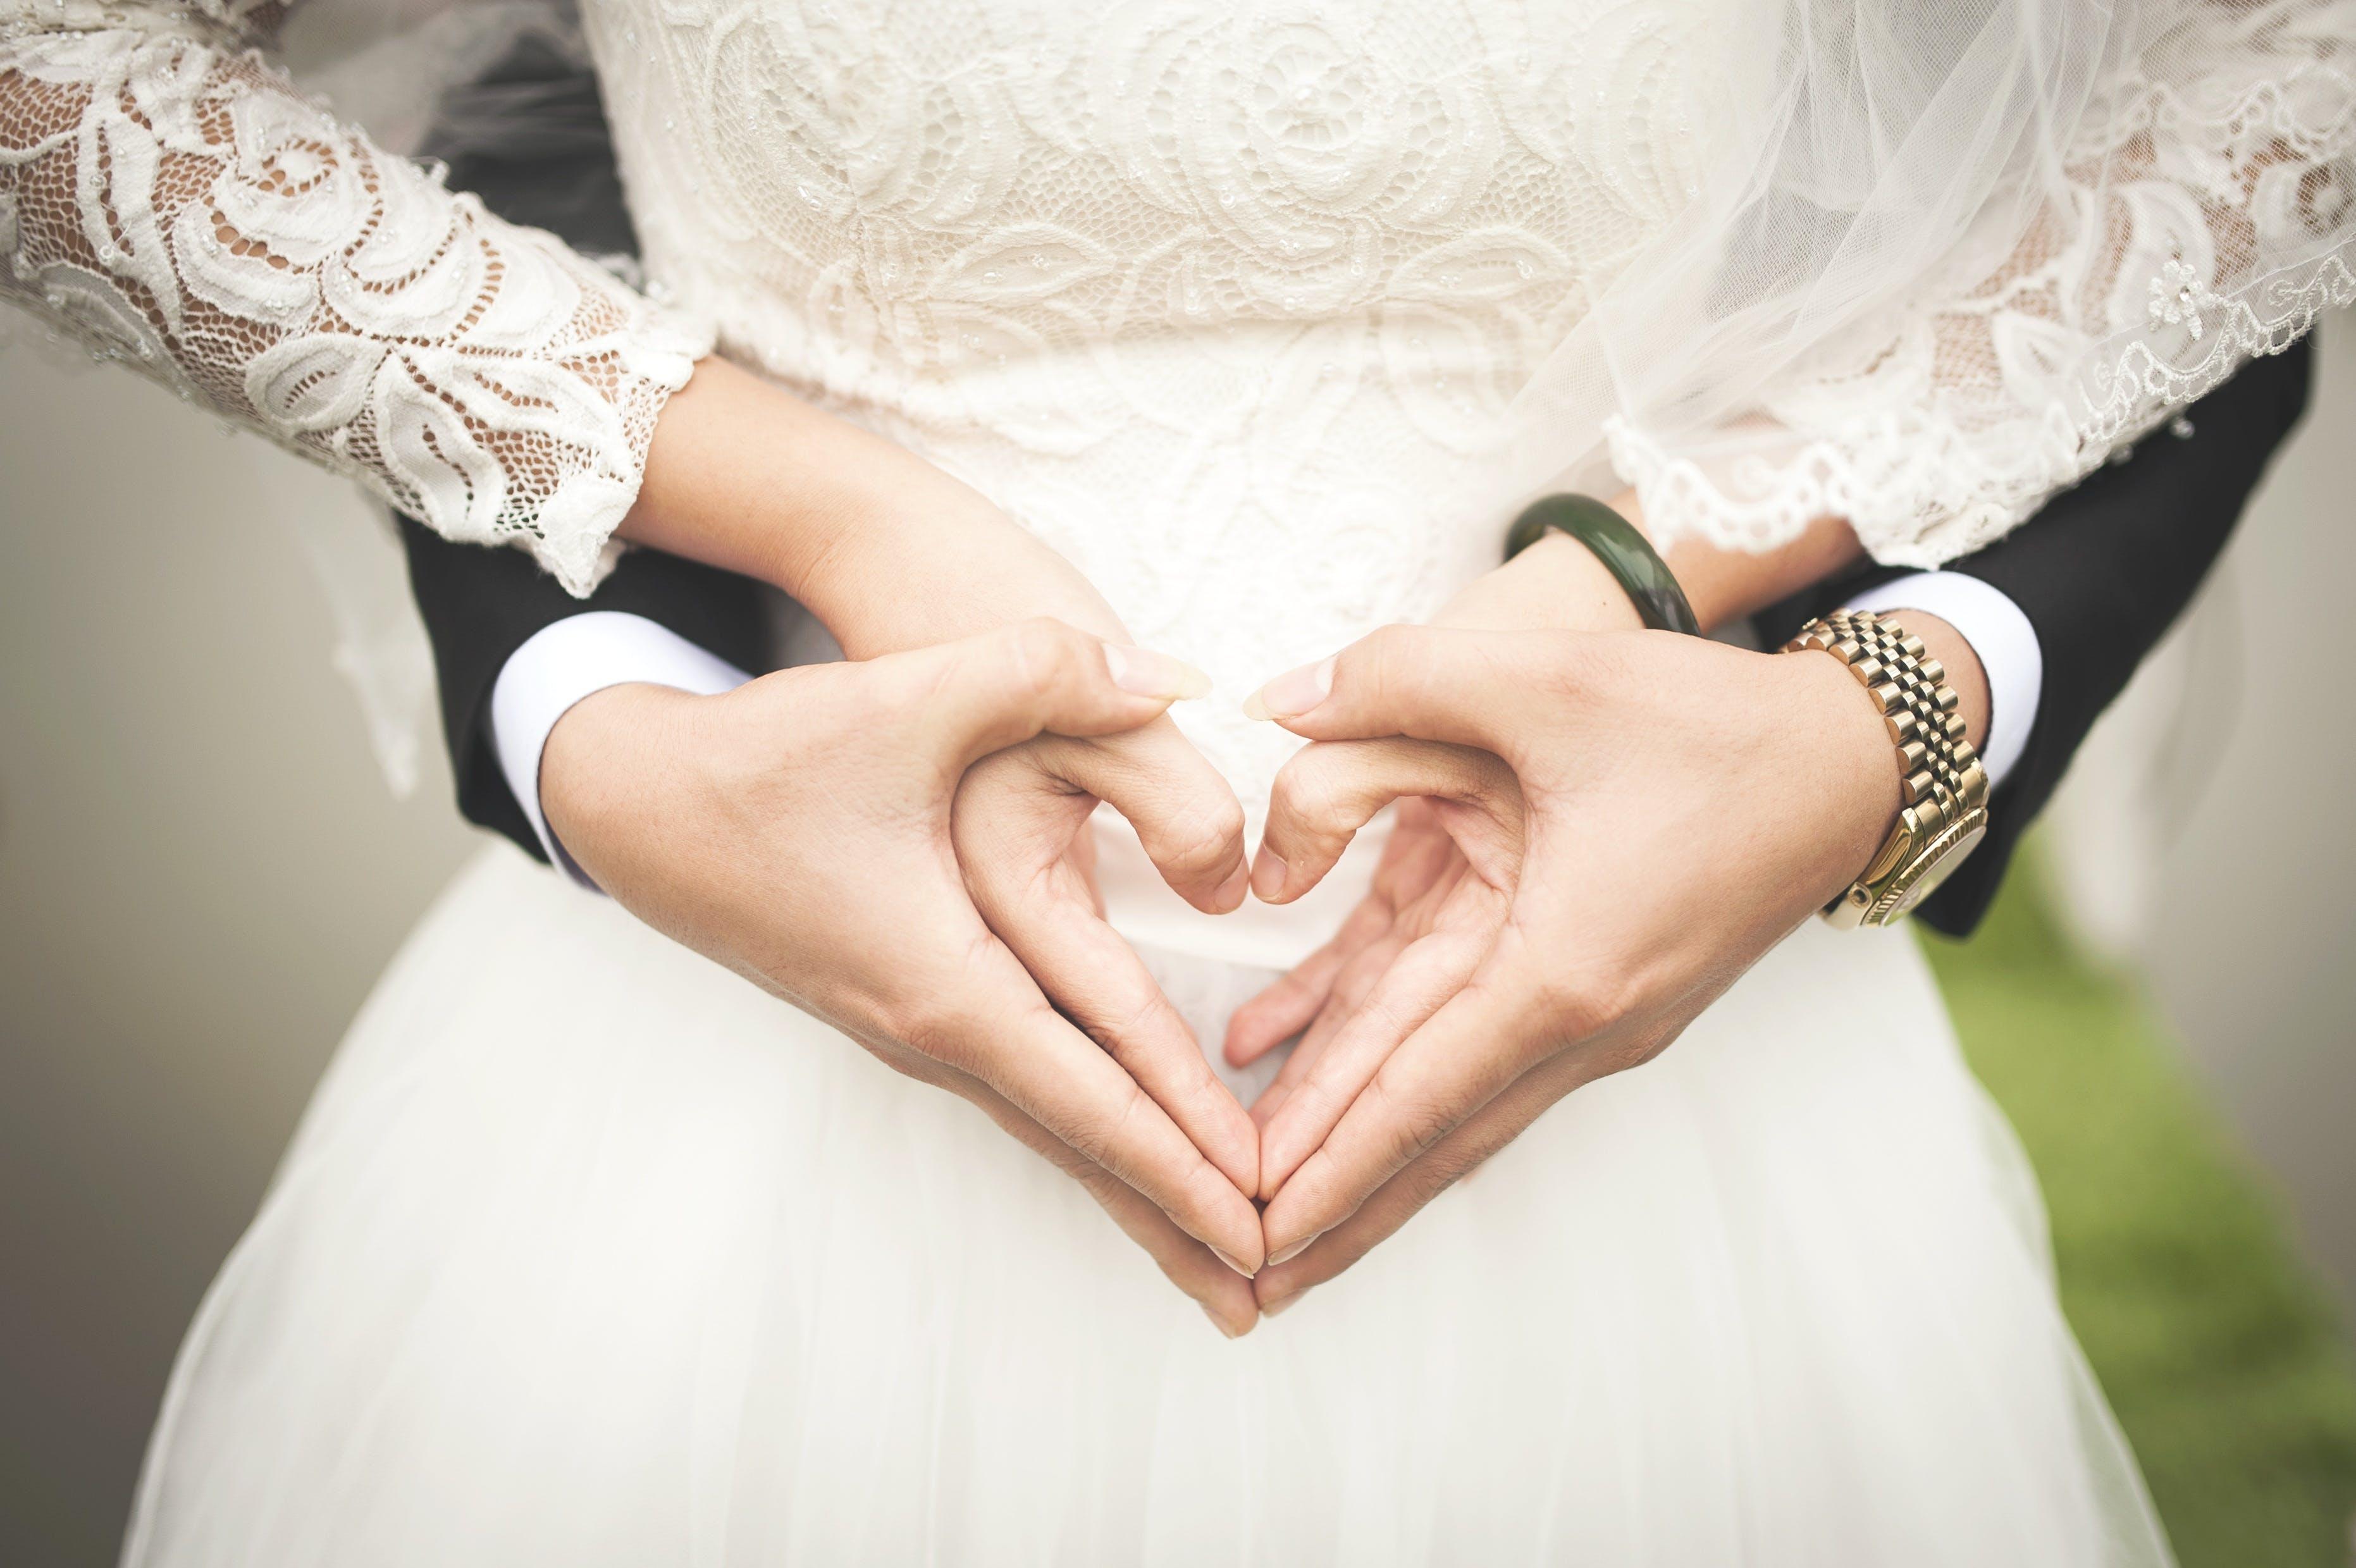 가족, 감정, 결혼, 결혼하는의 무료 스톡 사진